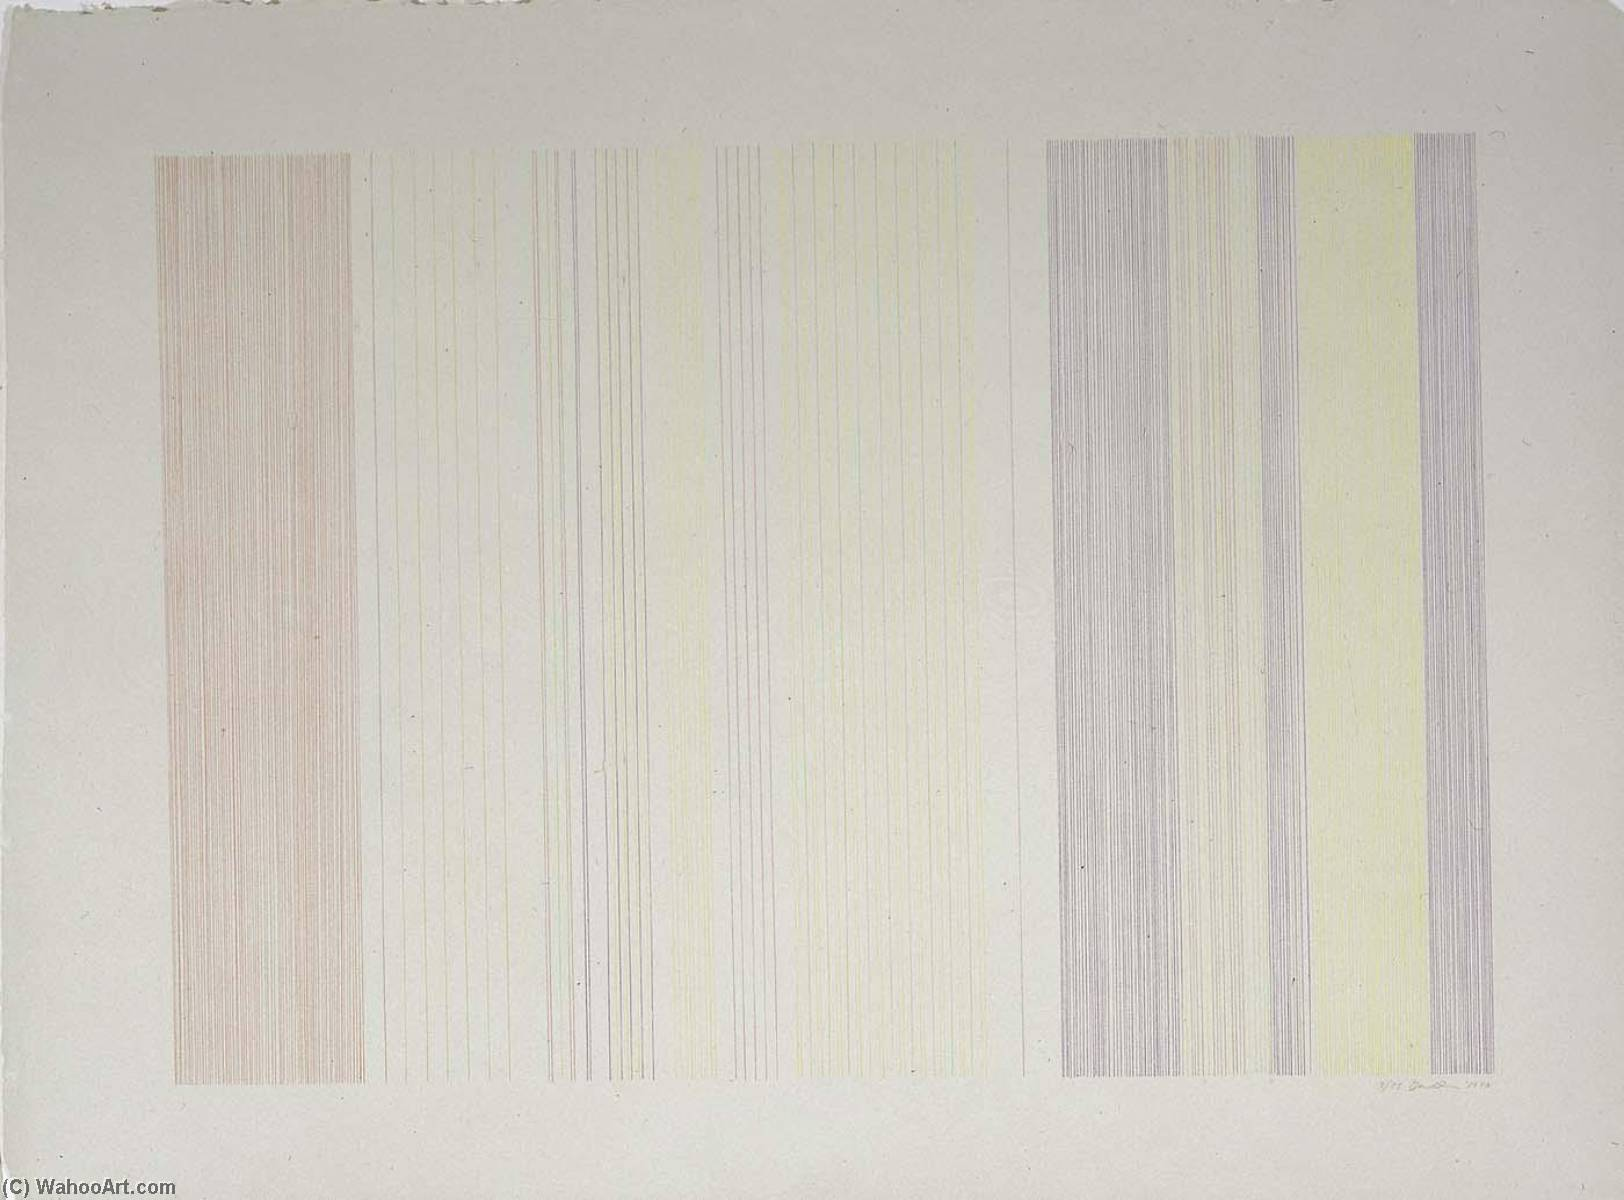 WikiOO.org - Енциклопедія образотворчого мистецтва - Живопис, Картини  Gene Davis - Home Run